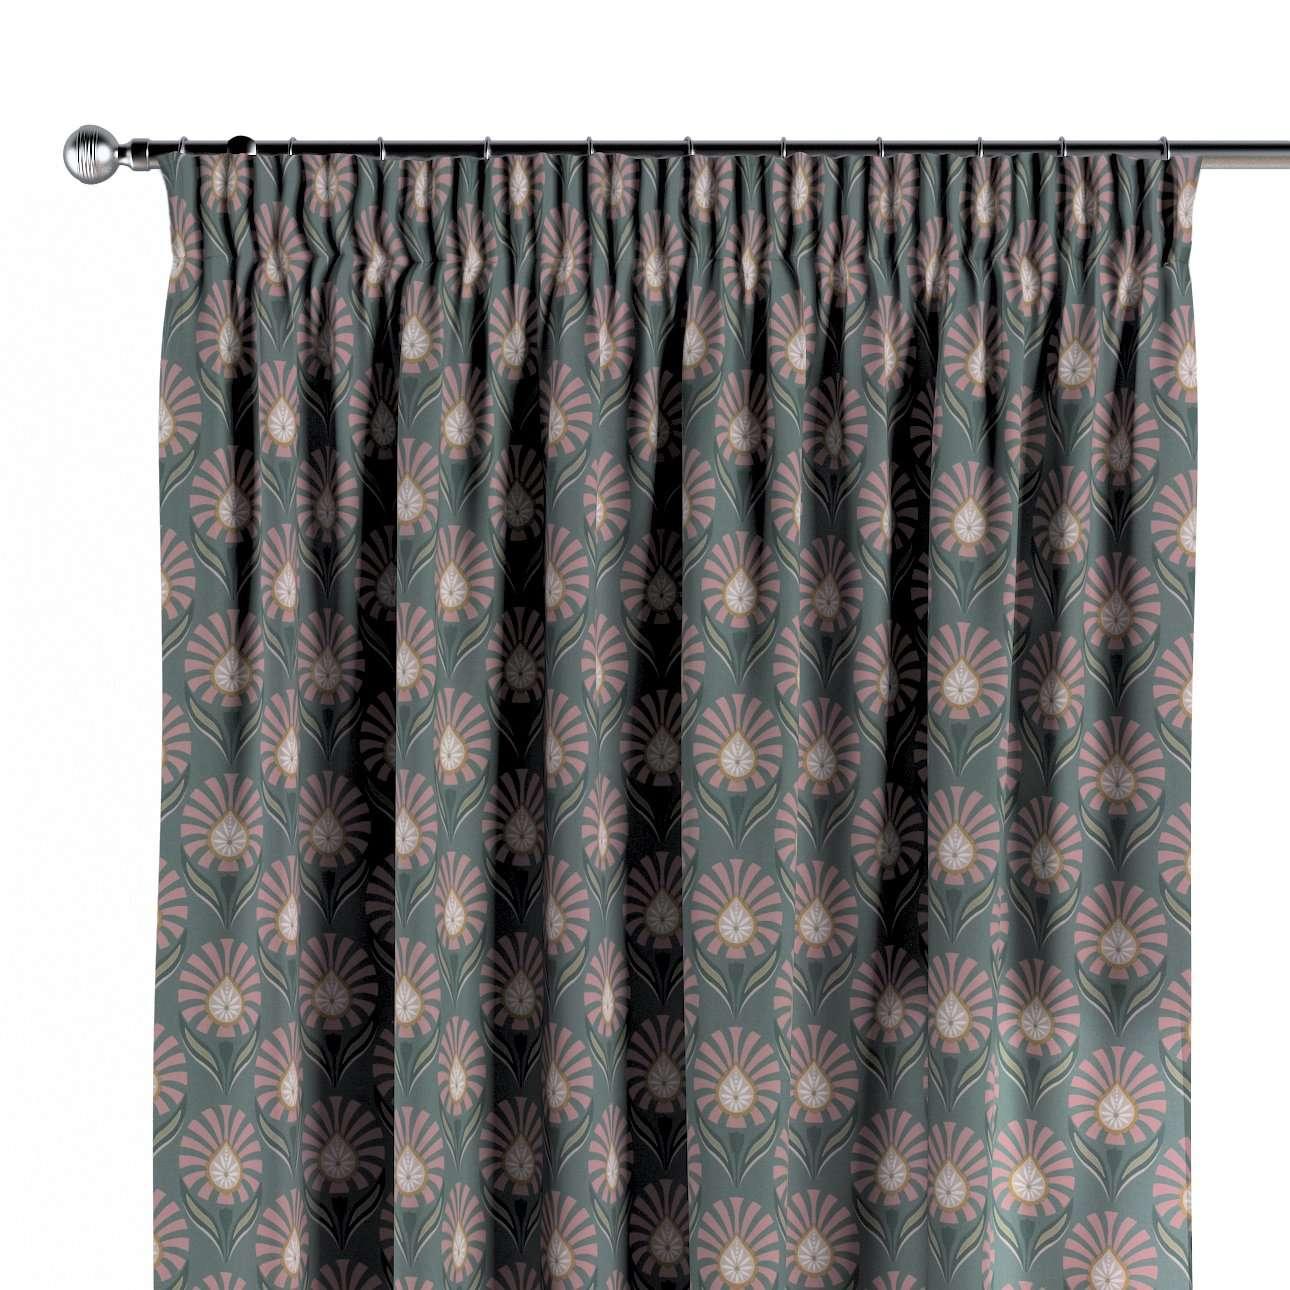 Závěs s řasící páskou v kolekci Gardenia, látka: 142-17